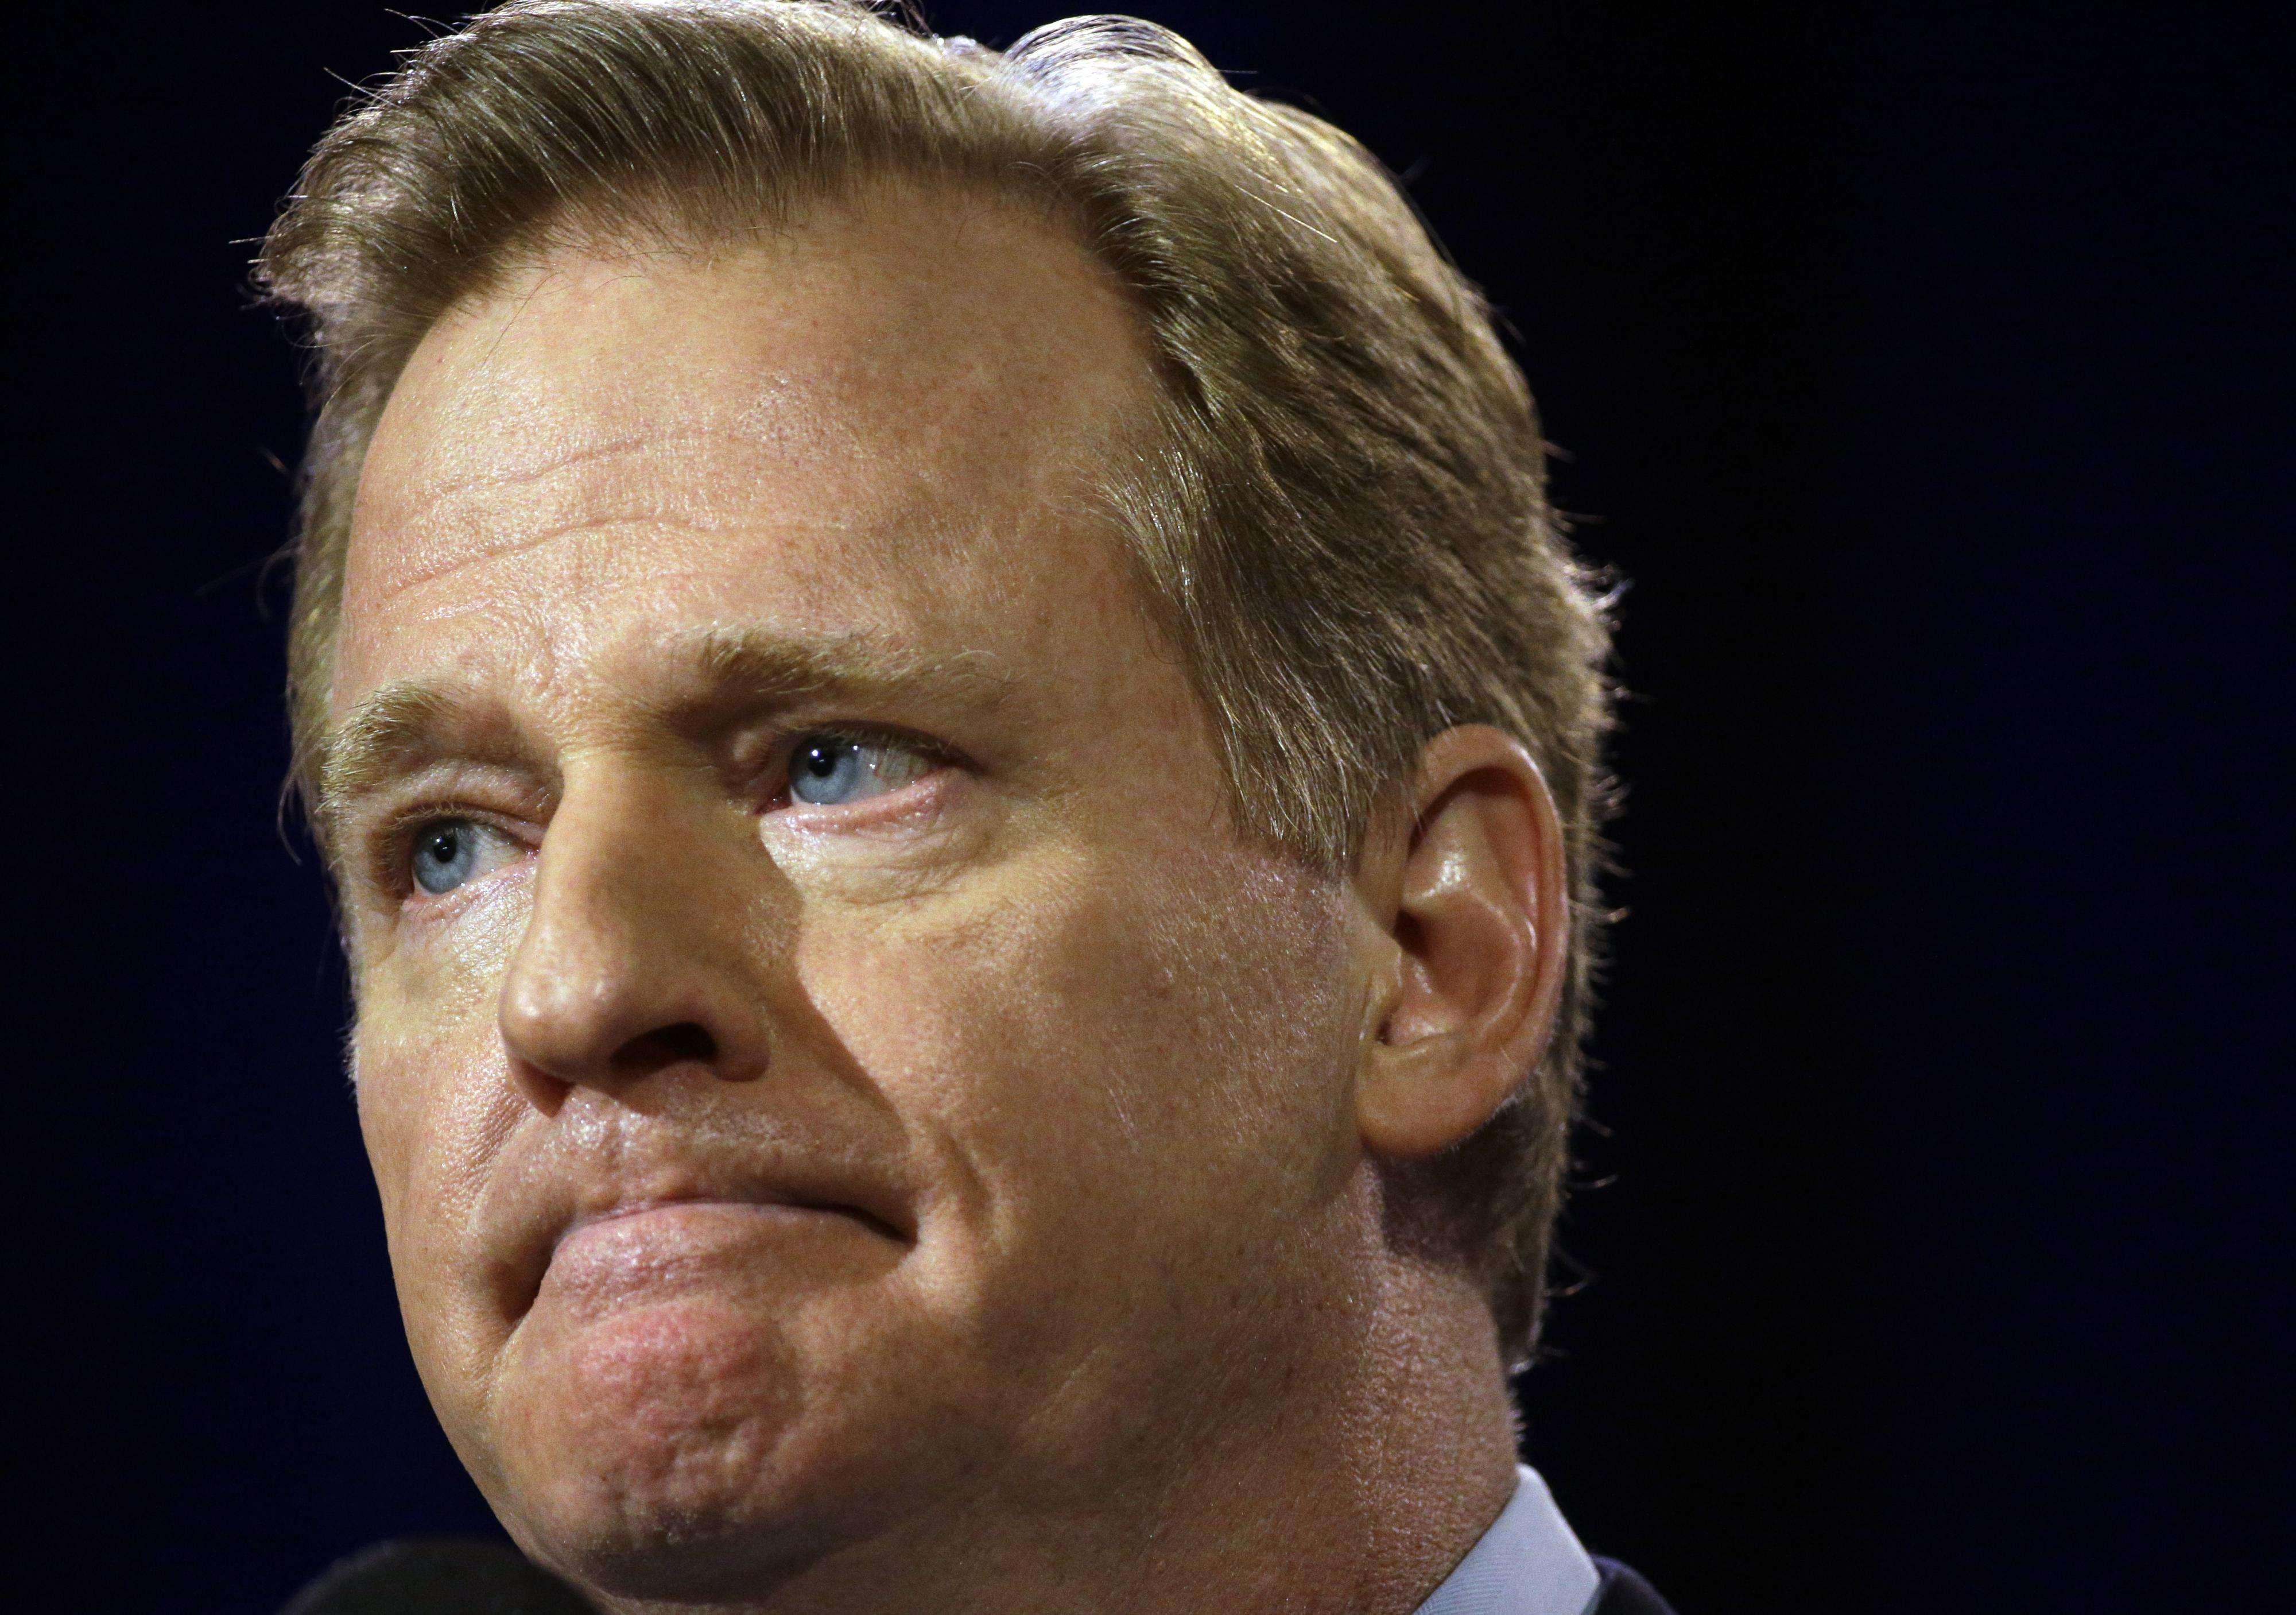 El comisionado de la NFL, Roger Goodell, participa en una rueda de prensa el viernes 30 de enero Foto: AP